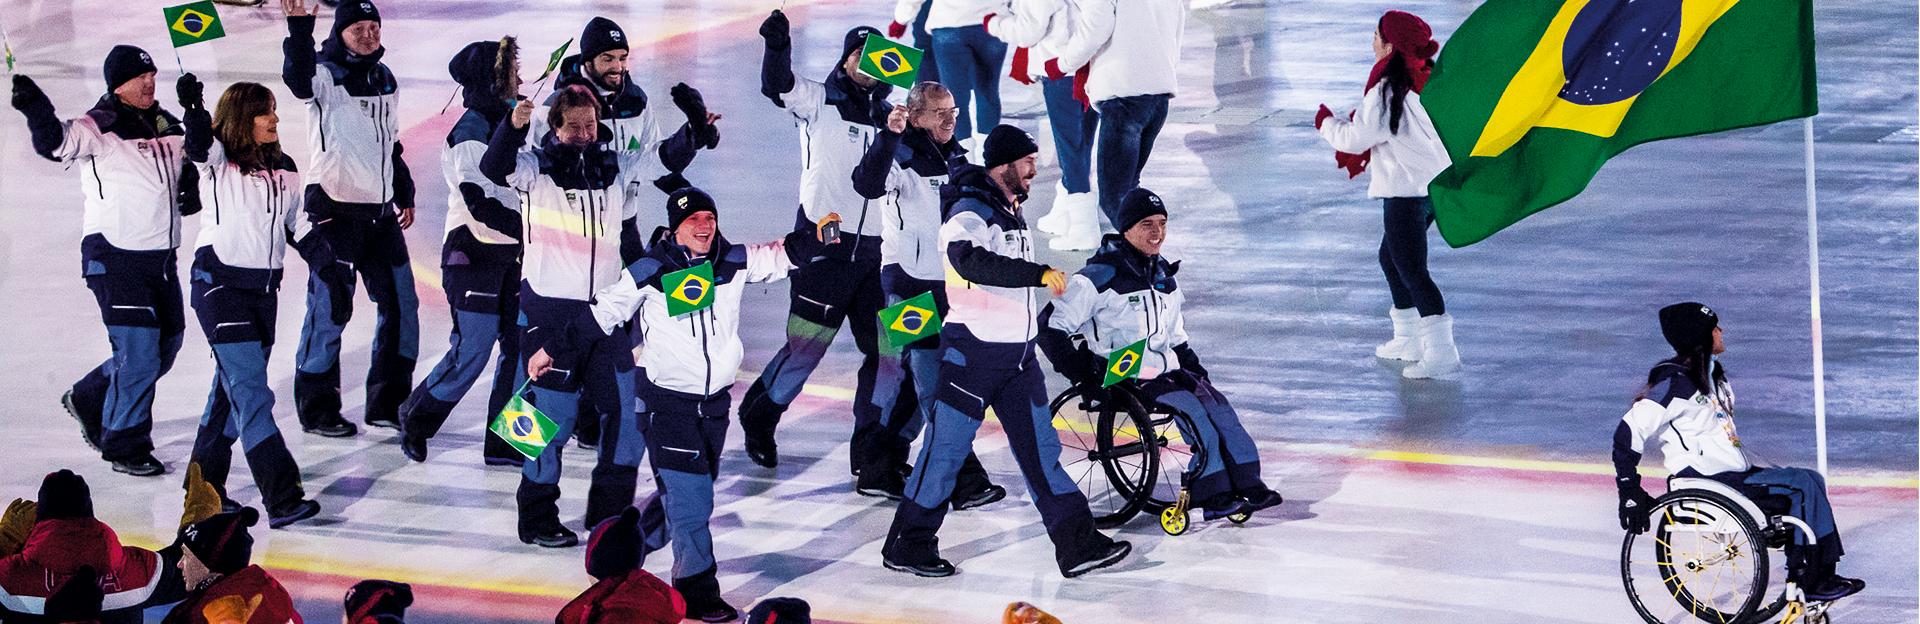 cerimonia de abertura jogos paralimpicos